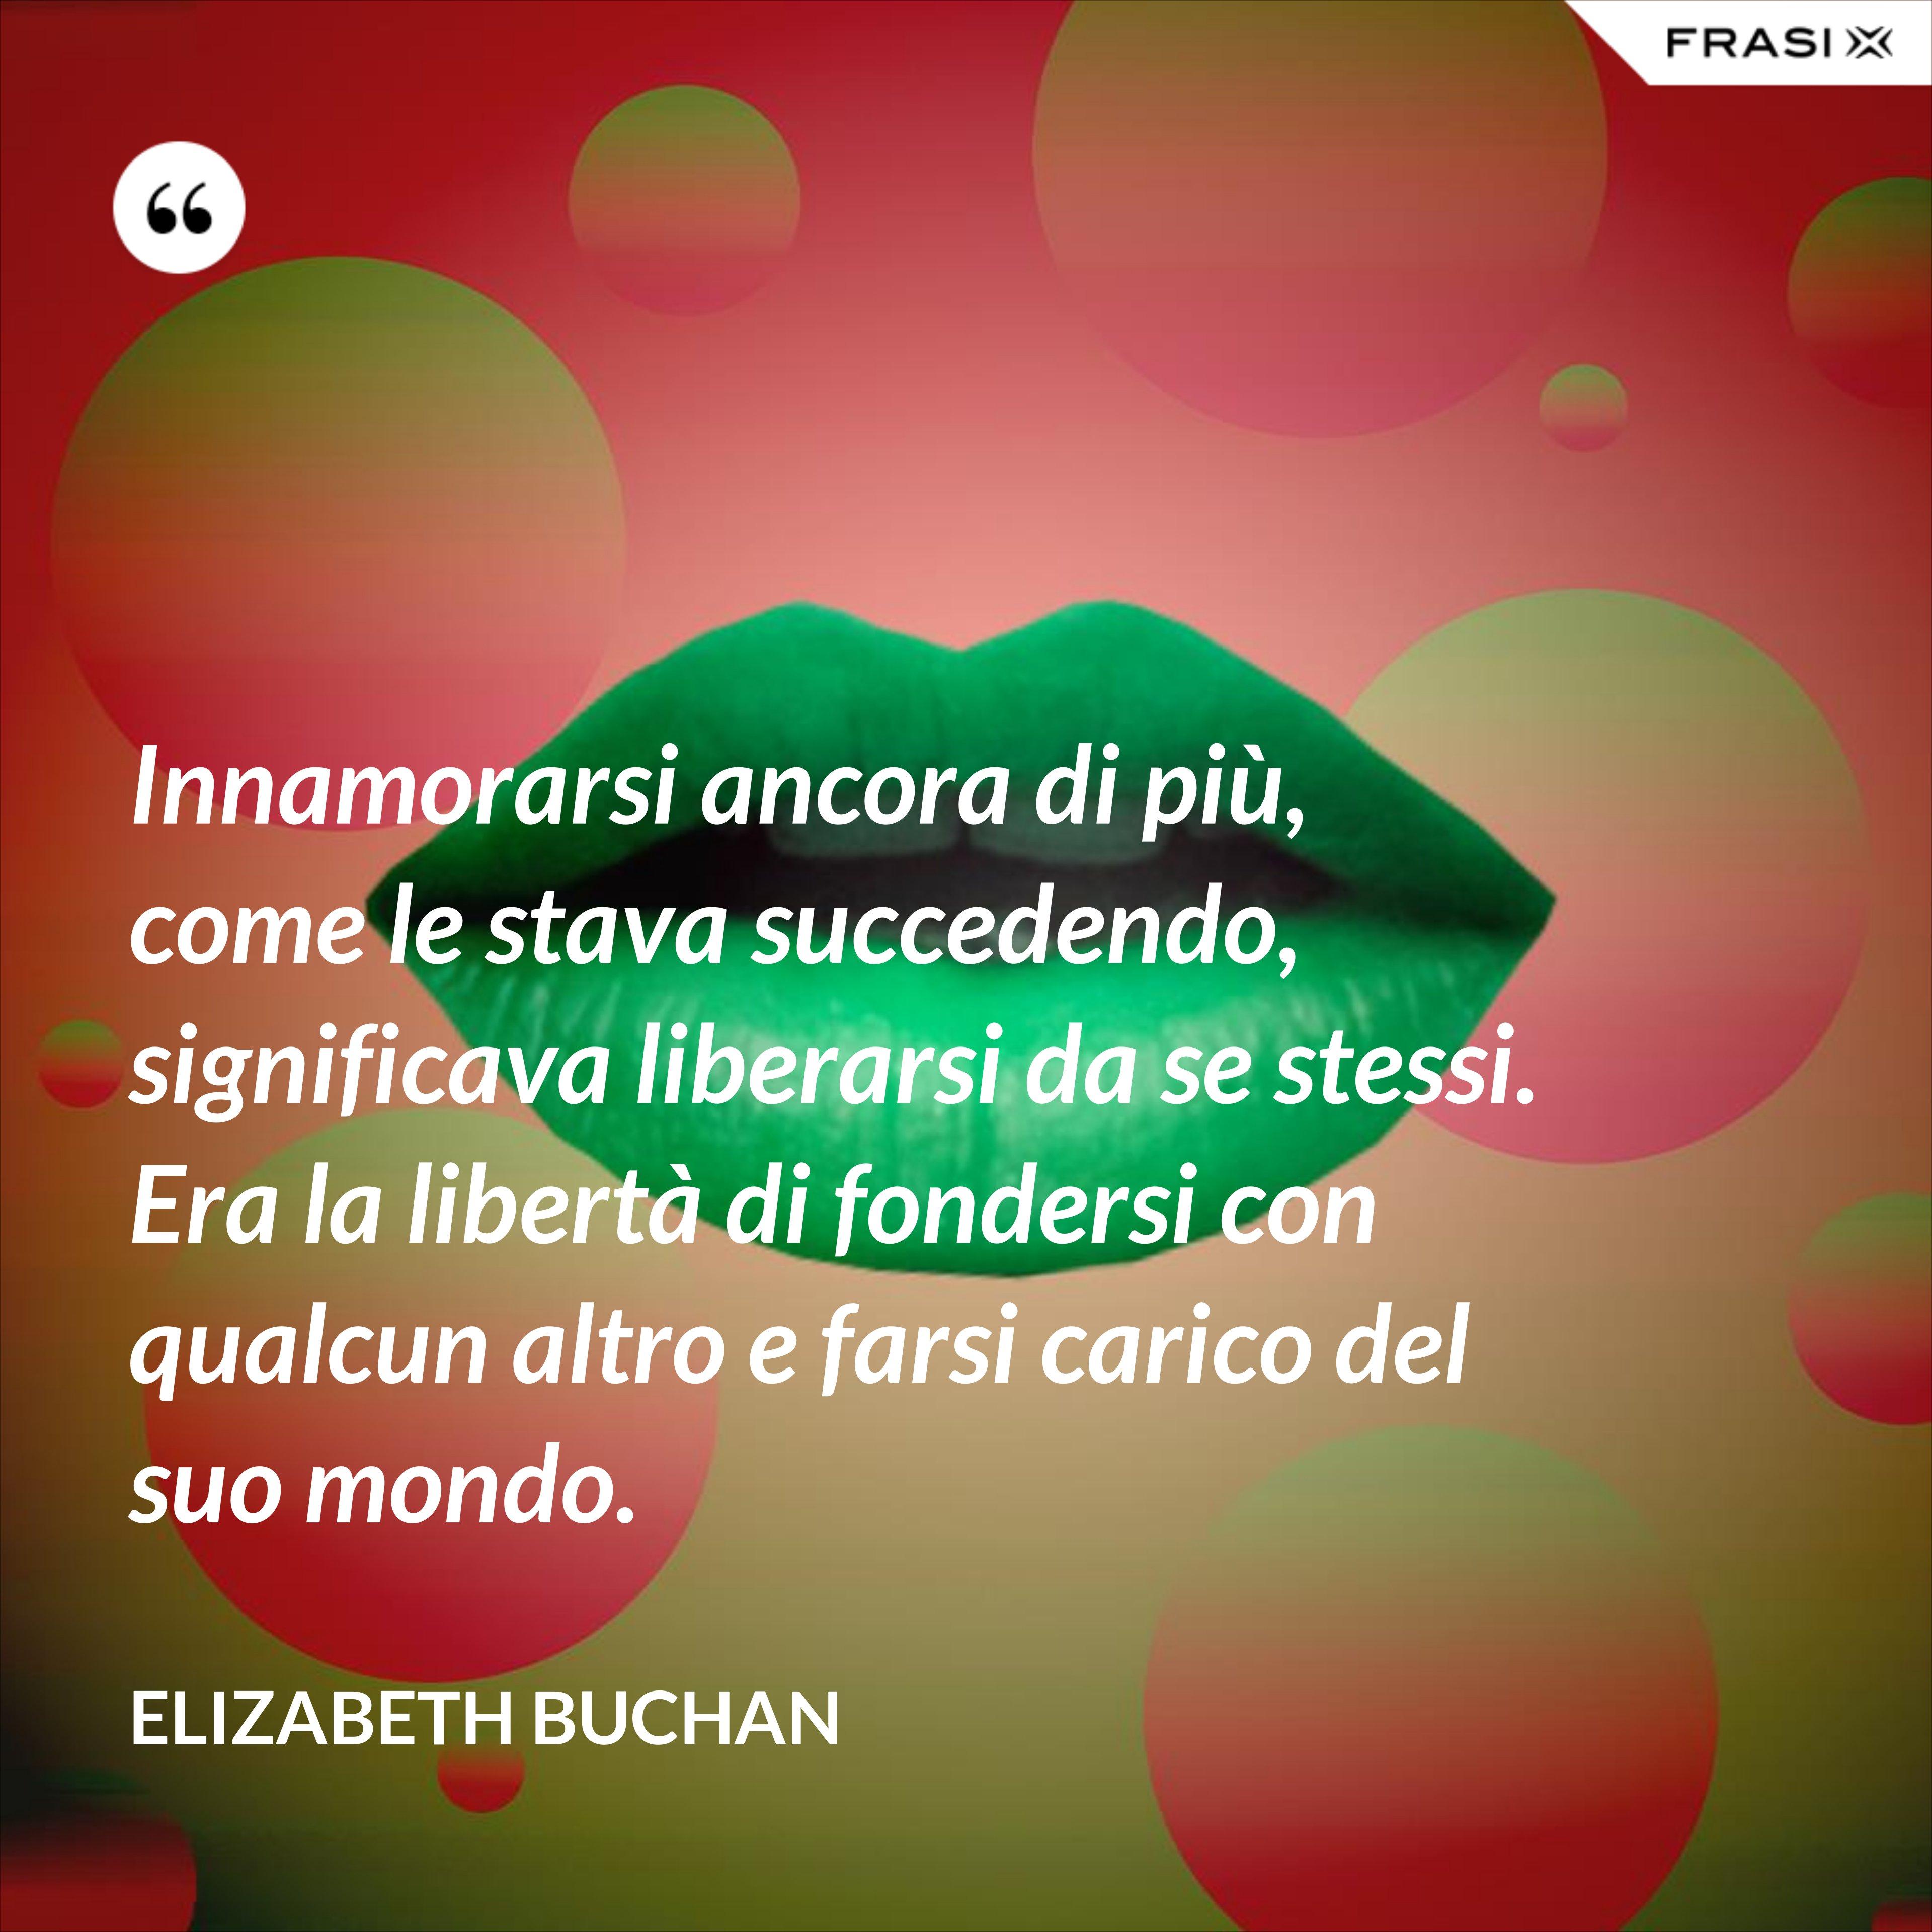 Innamorarsi ancora di più, come le stava succedendo, significava liberarsi da se stessi. Era la libertà di fondersi con qualcun altro e farsi carico del suo mondo. - Elizabeth Buchan